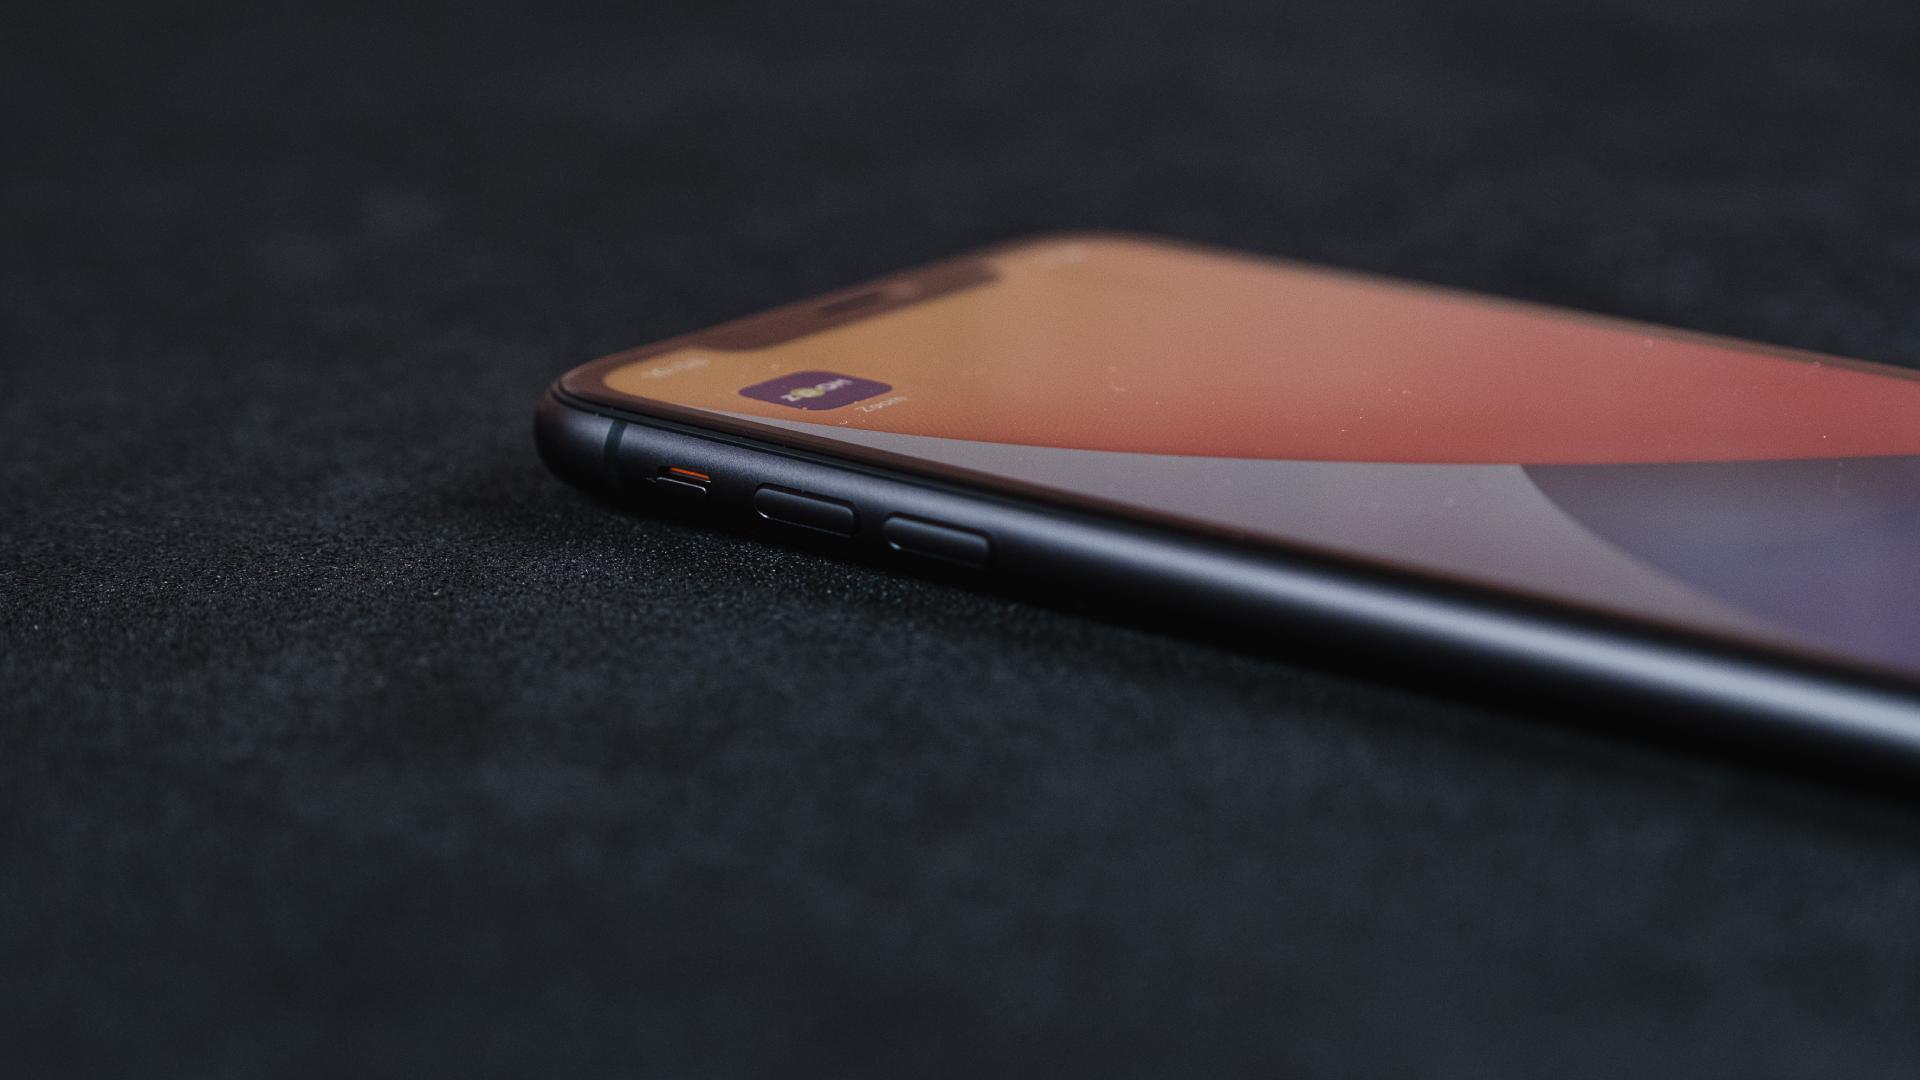 Lateral esquerda do iPhone 11, com destaque para os botões, em um fundo preto